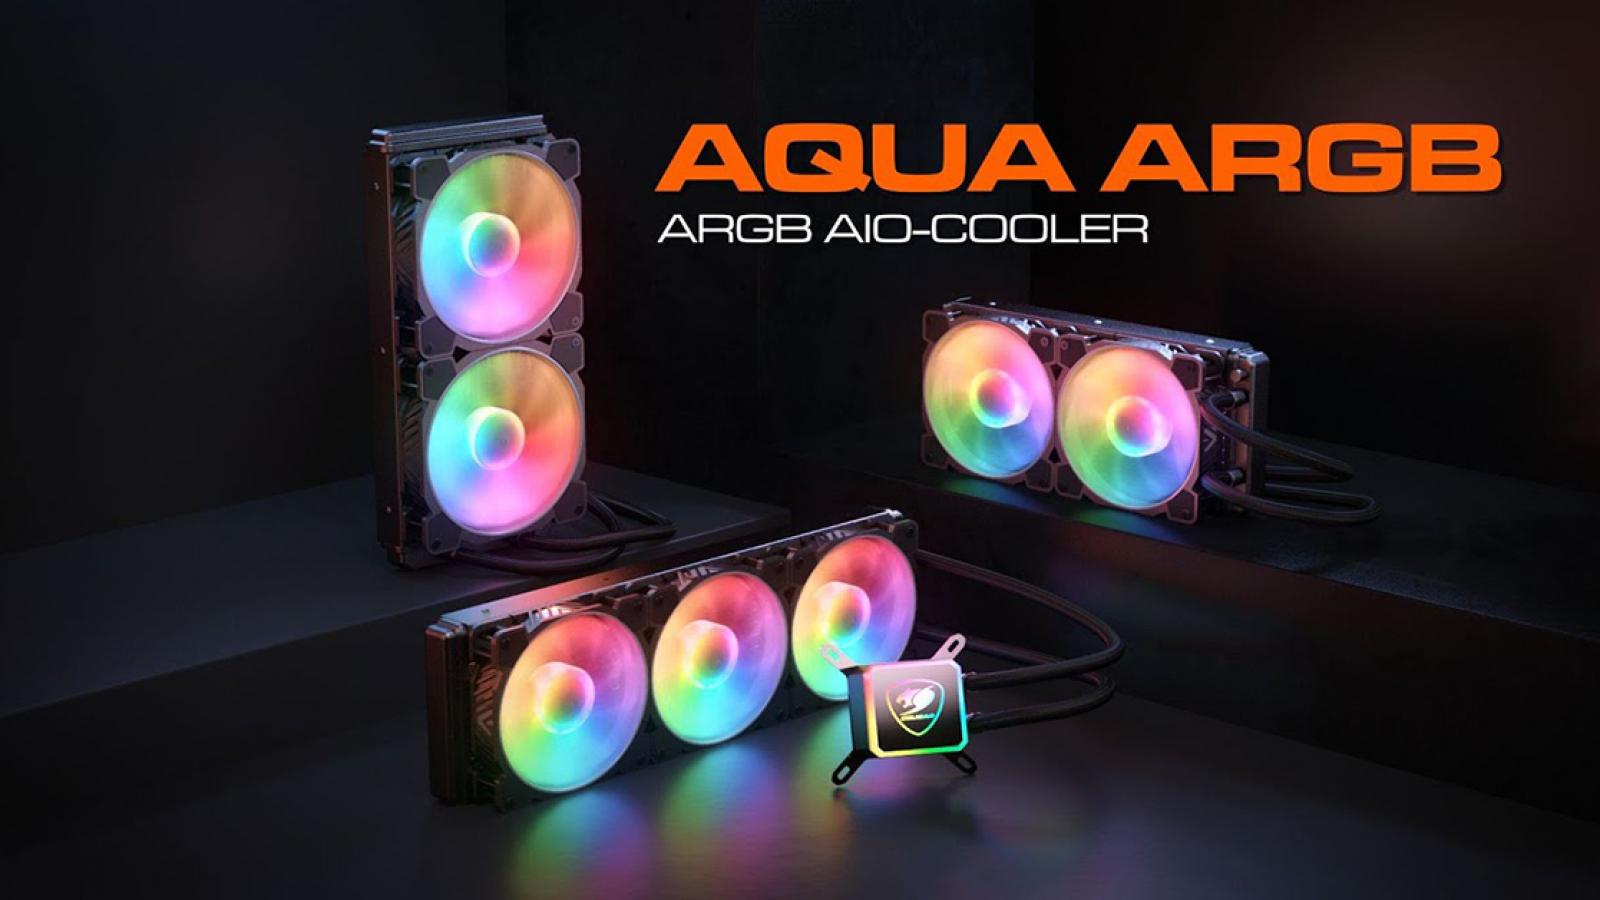 cougar aqua argb